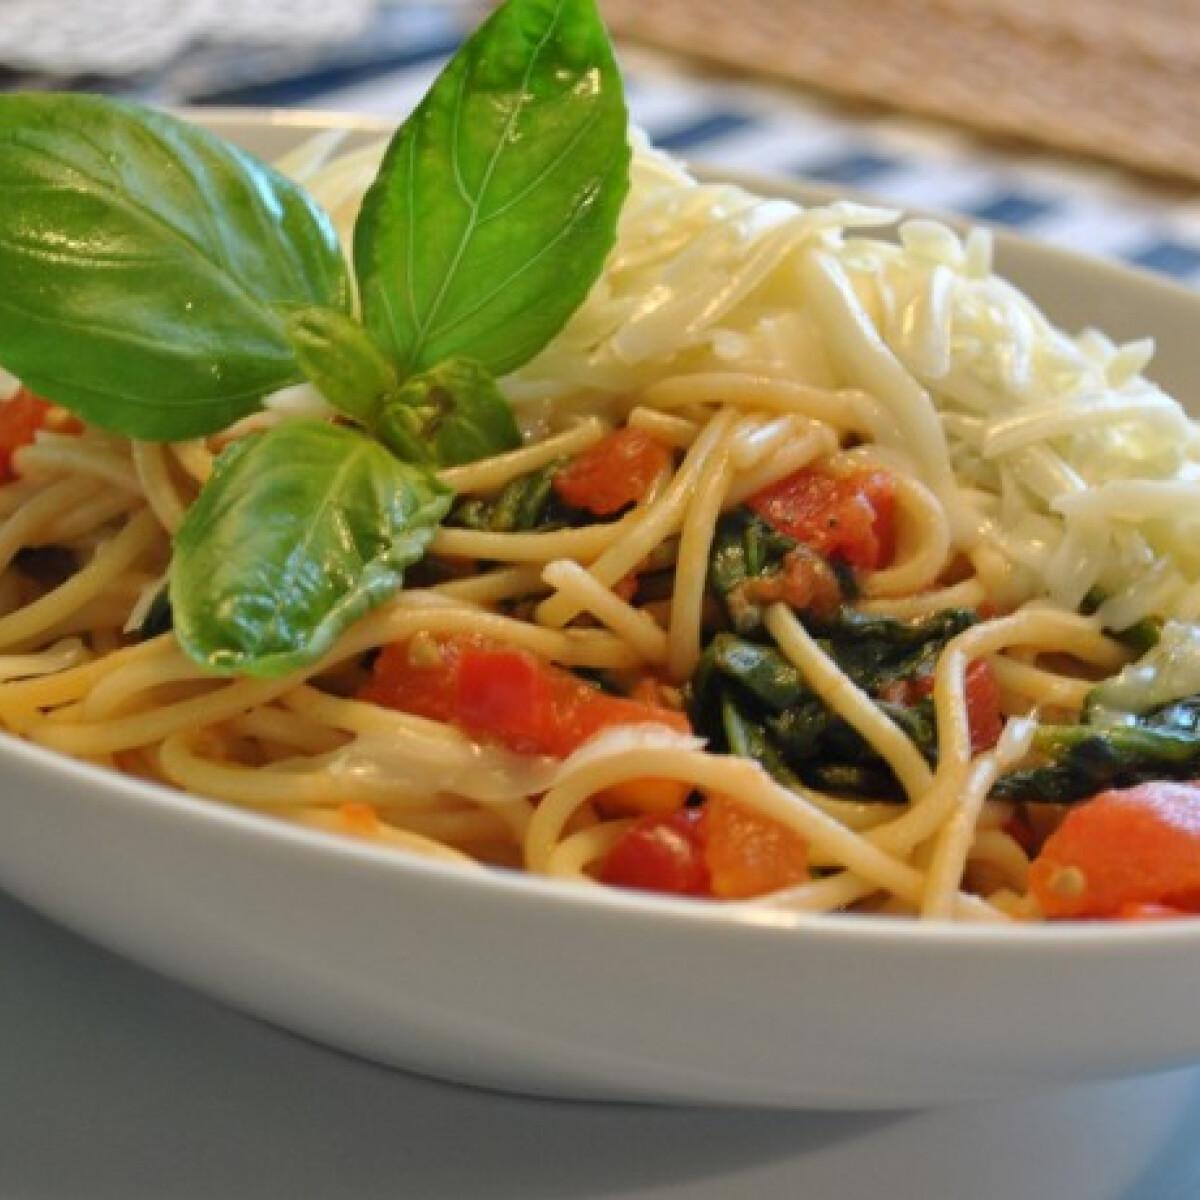 Teljes kiőrlésű spagetti spenóttal és zöldségekkel